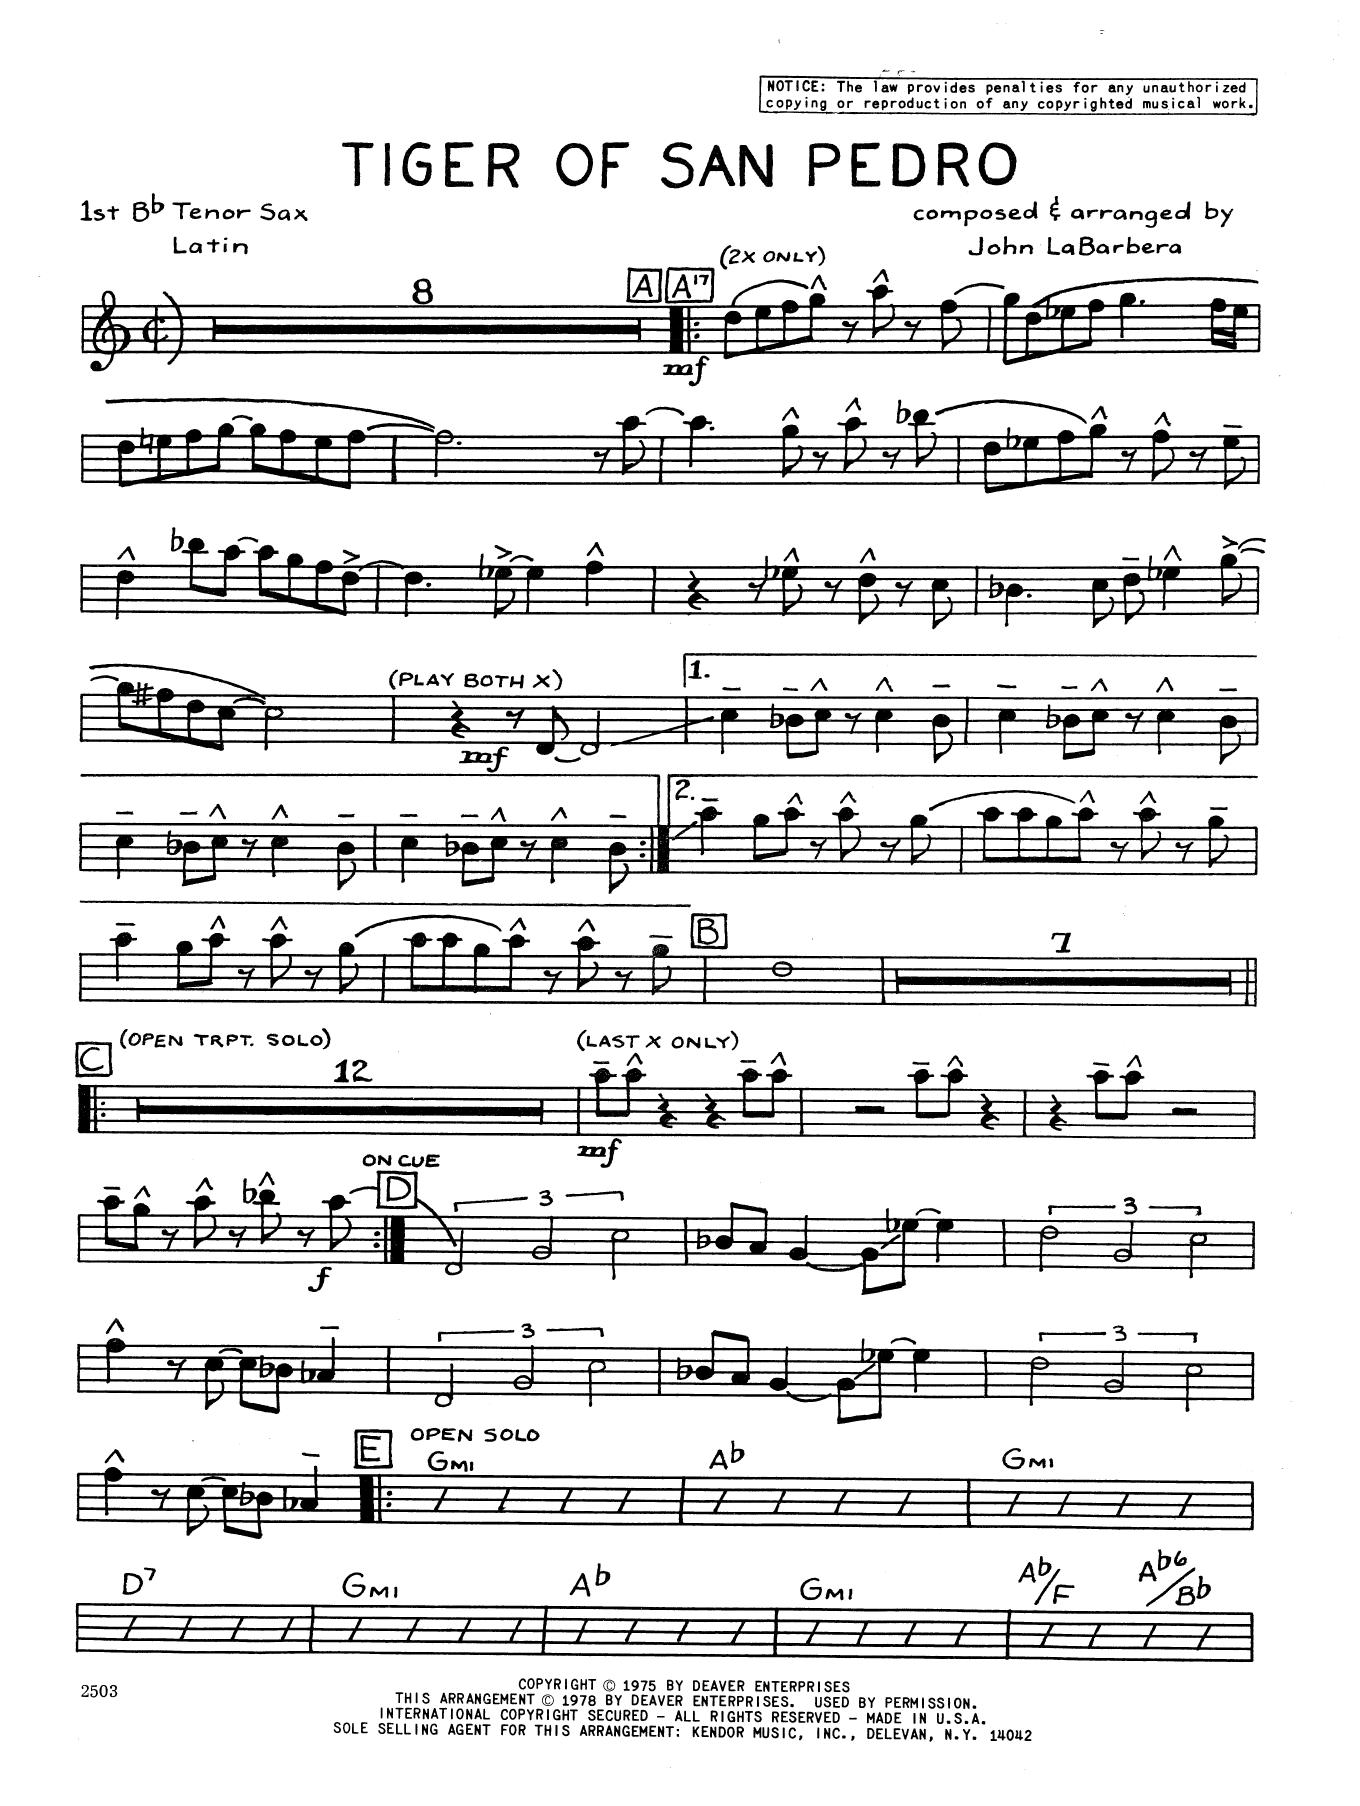 Tiger Of San Pedro - 1st Tenor Saxophone Sheet Music